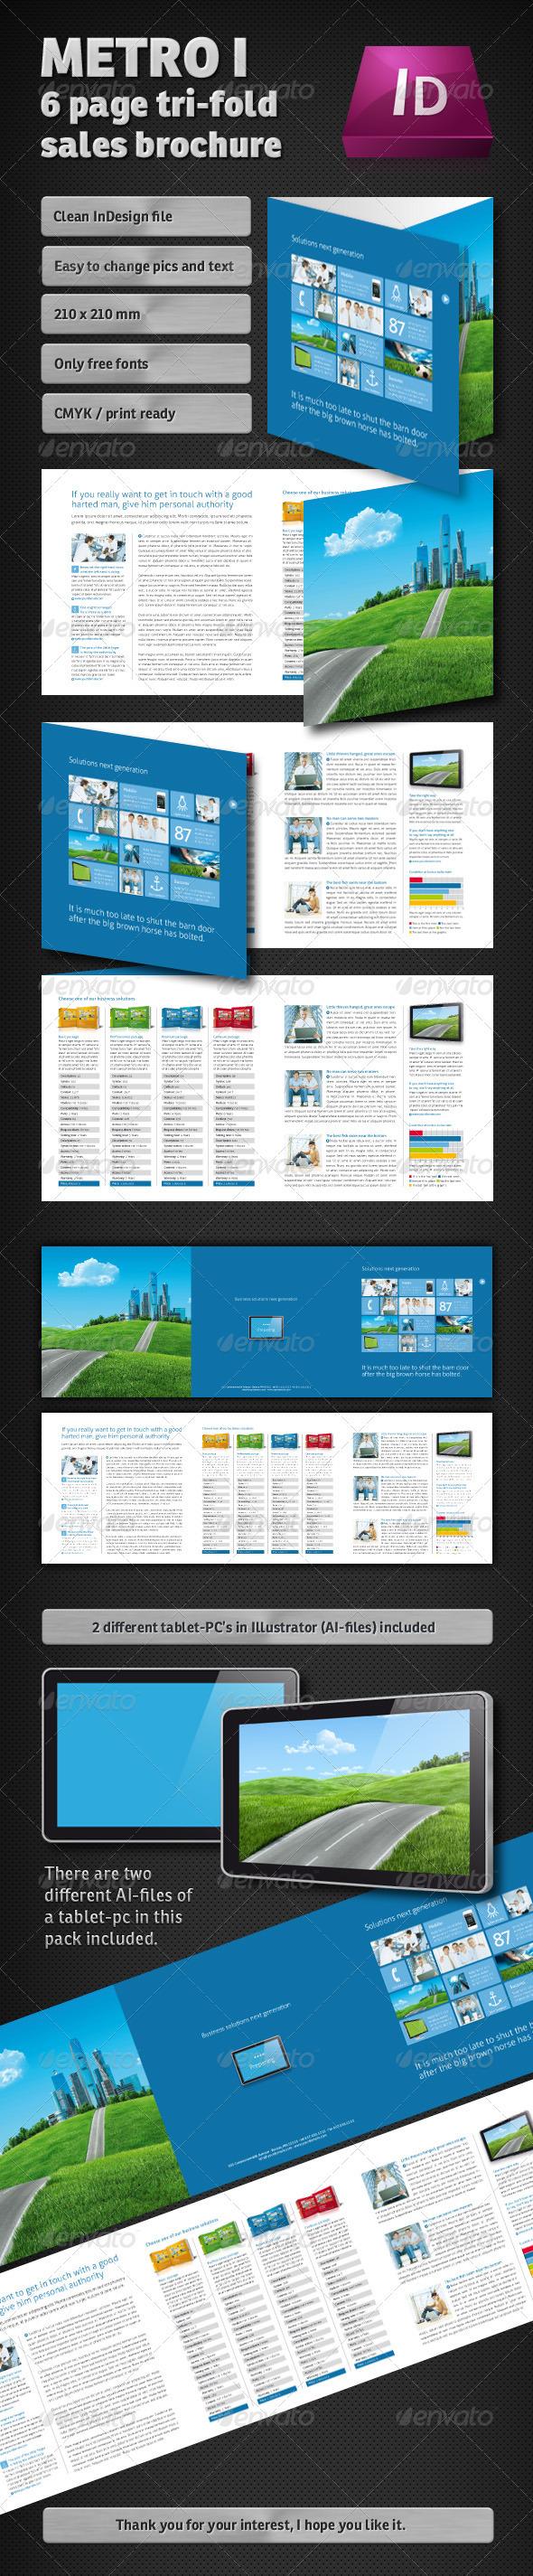 GraphicRiver Metro I 3 Page Tri-fold Sales Brochure 1047957